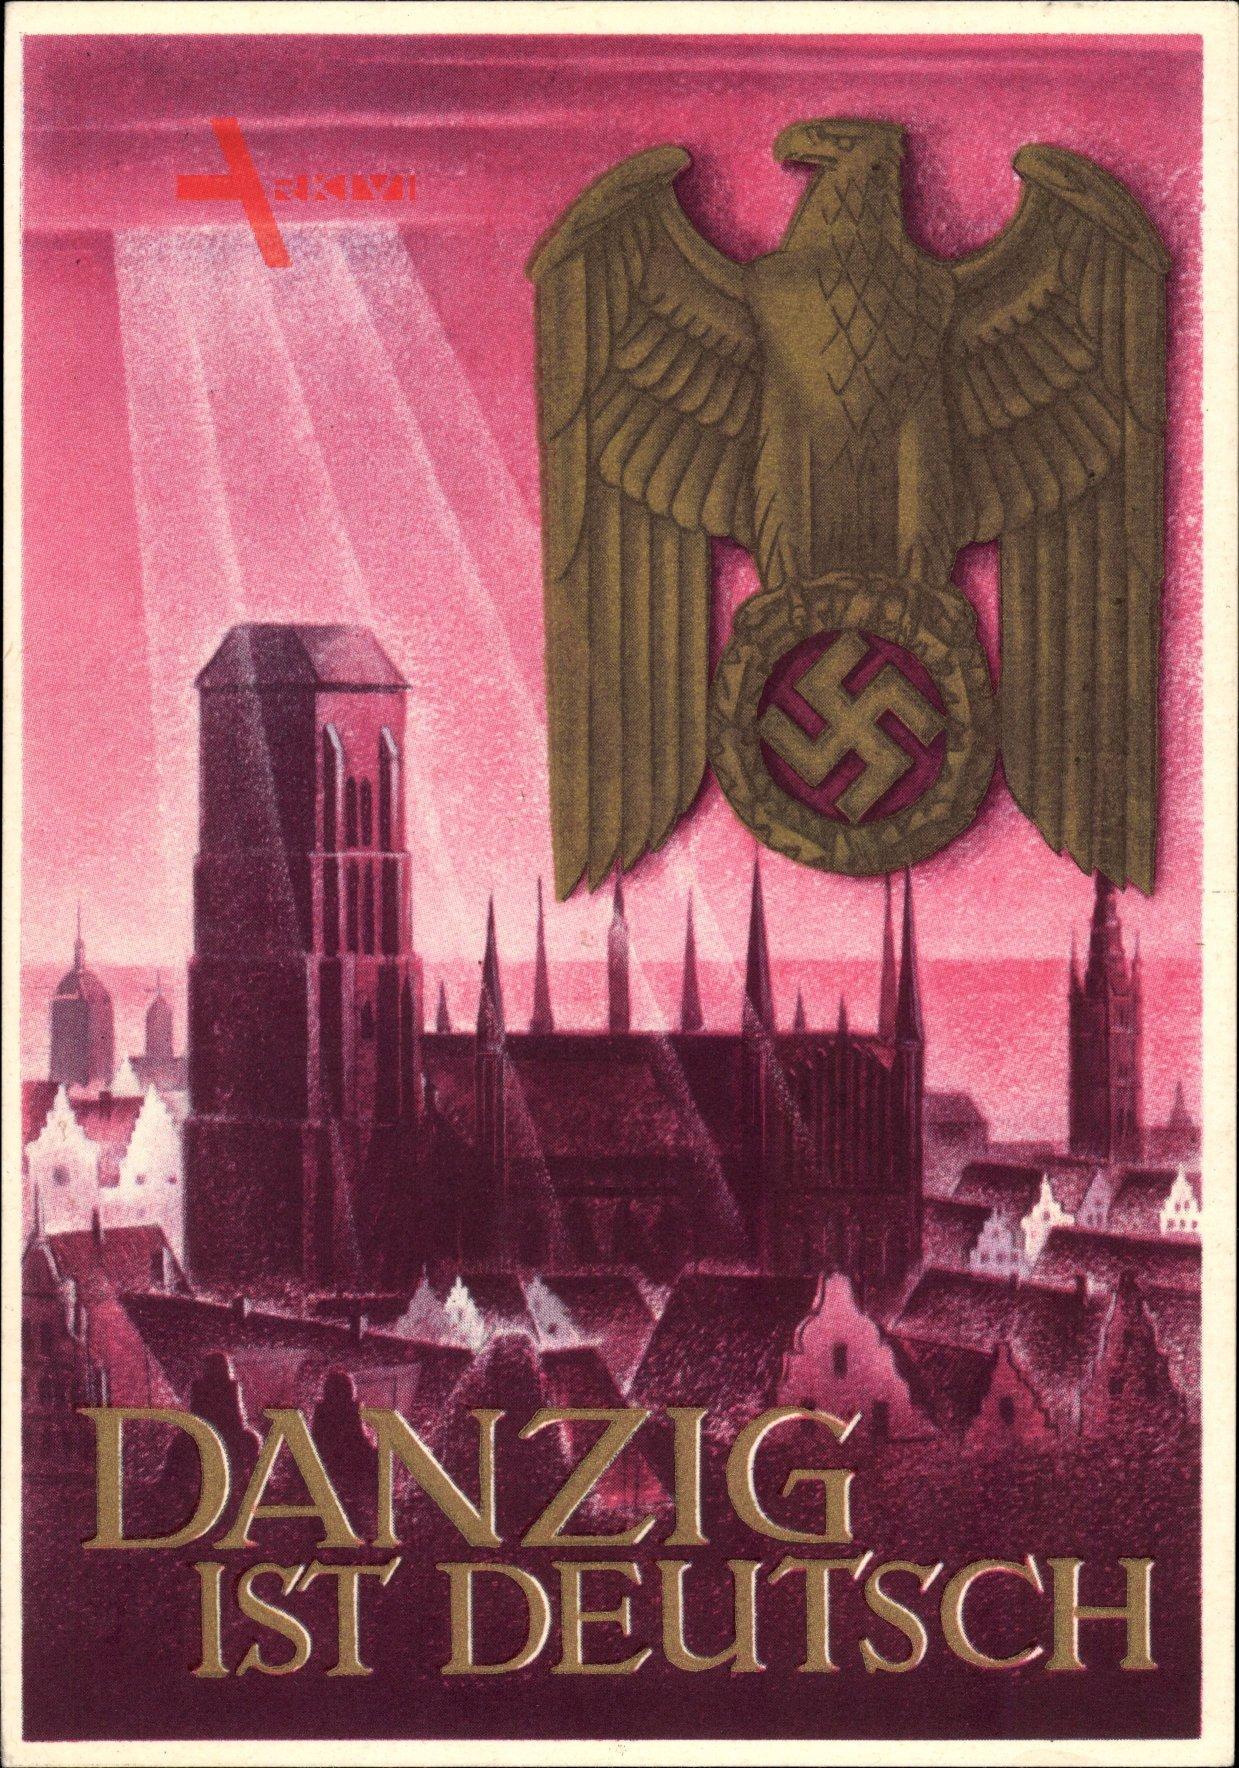 NS-Propaganda - Danzig ist Deutsch, Marienkirche, WHW